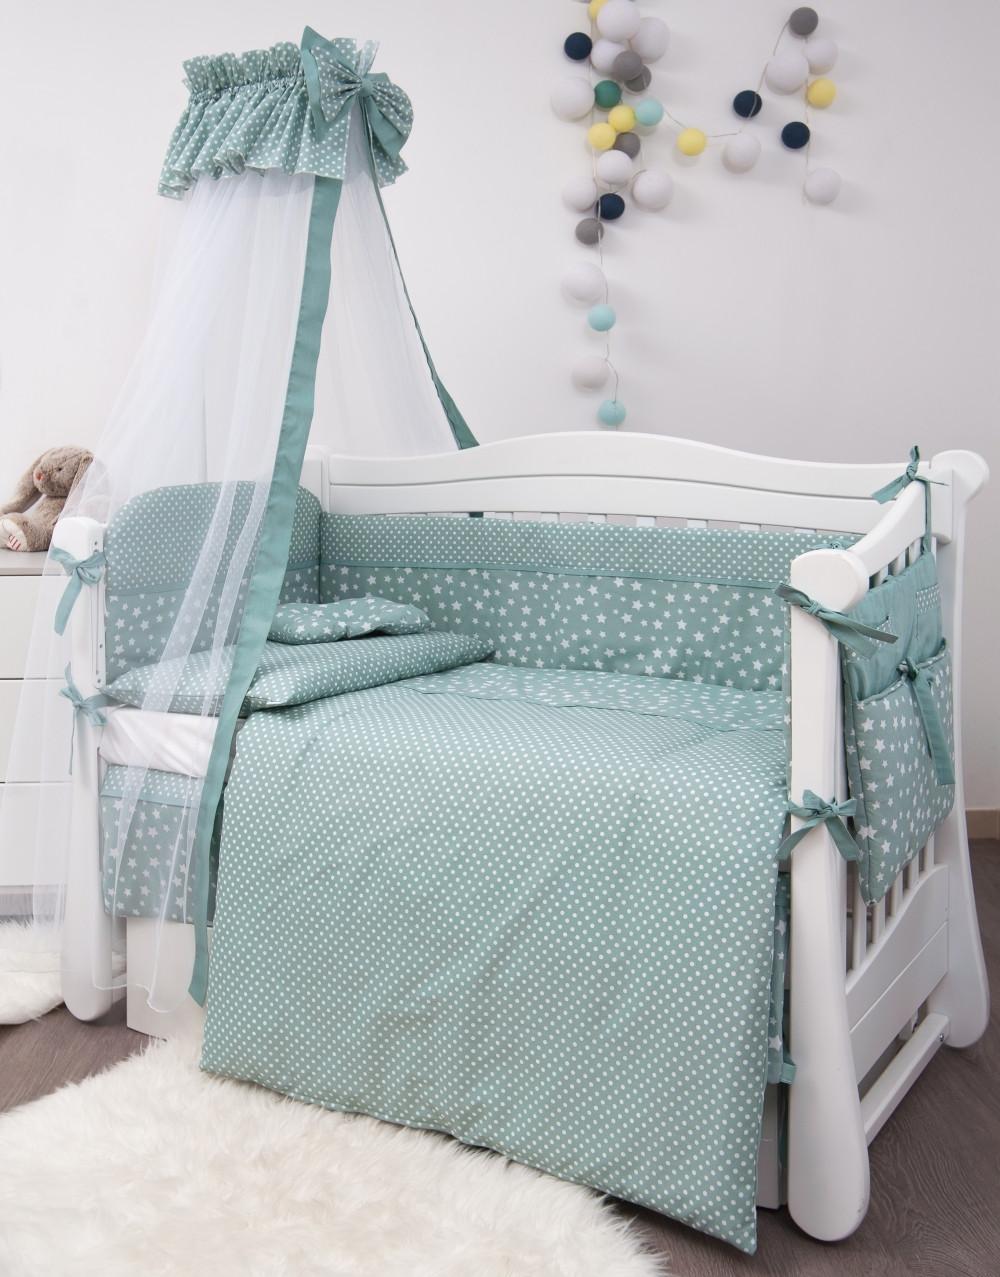 Детская постель Twins Premium Modern Retro stars P-107 мятный звезды 9предметов (постіль твінс)